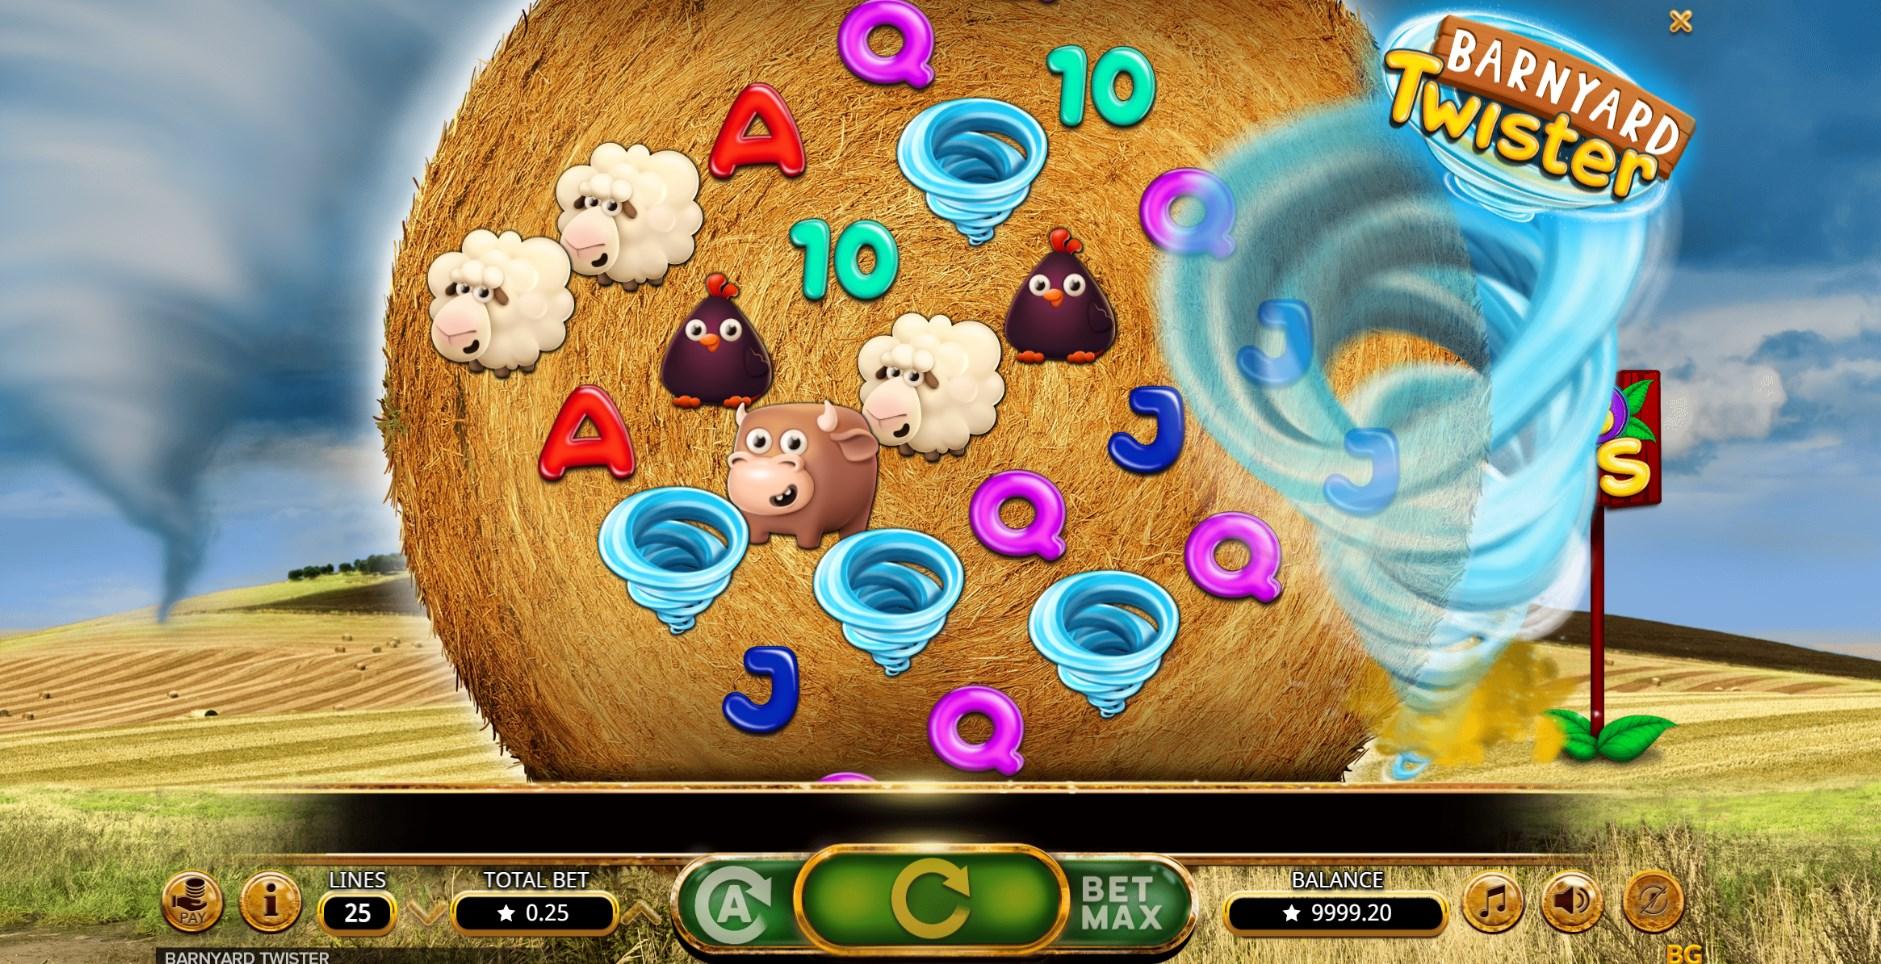 Игровой автомат Barnyard Twister